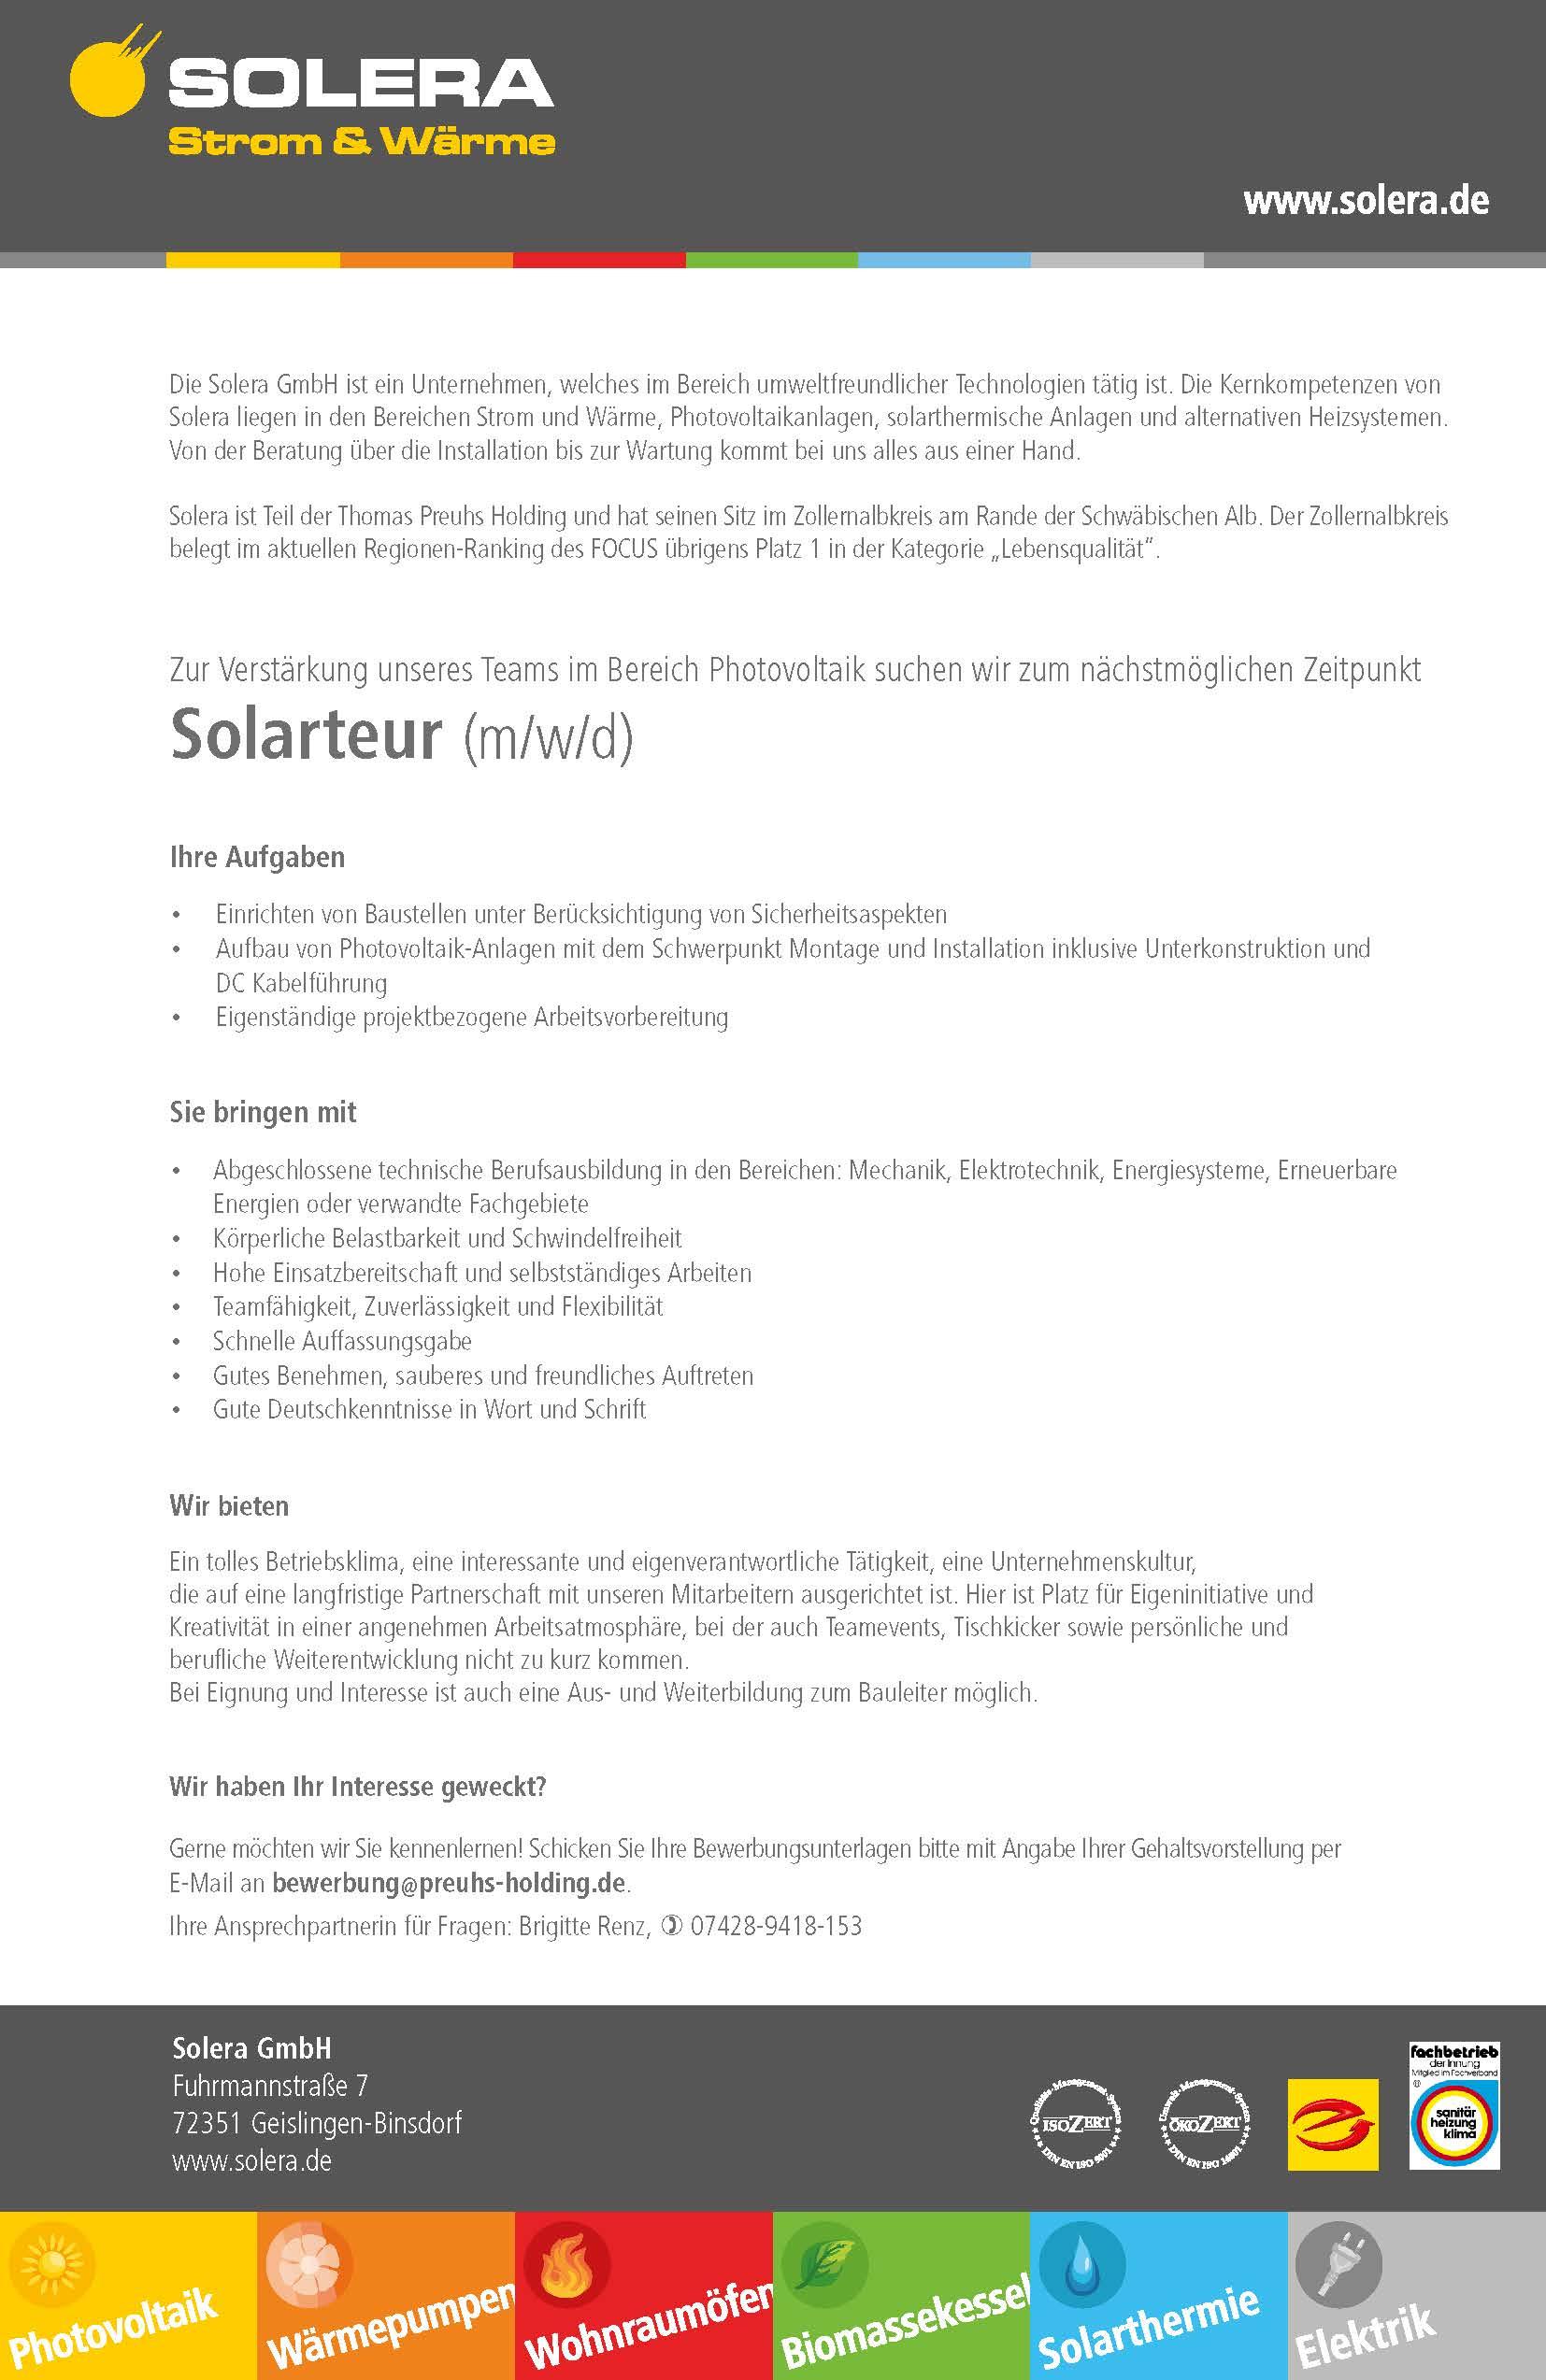 Solera GmbH - Stellenanzeige Solateur